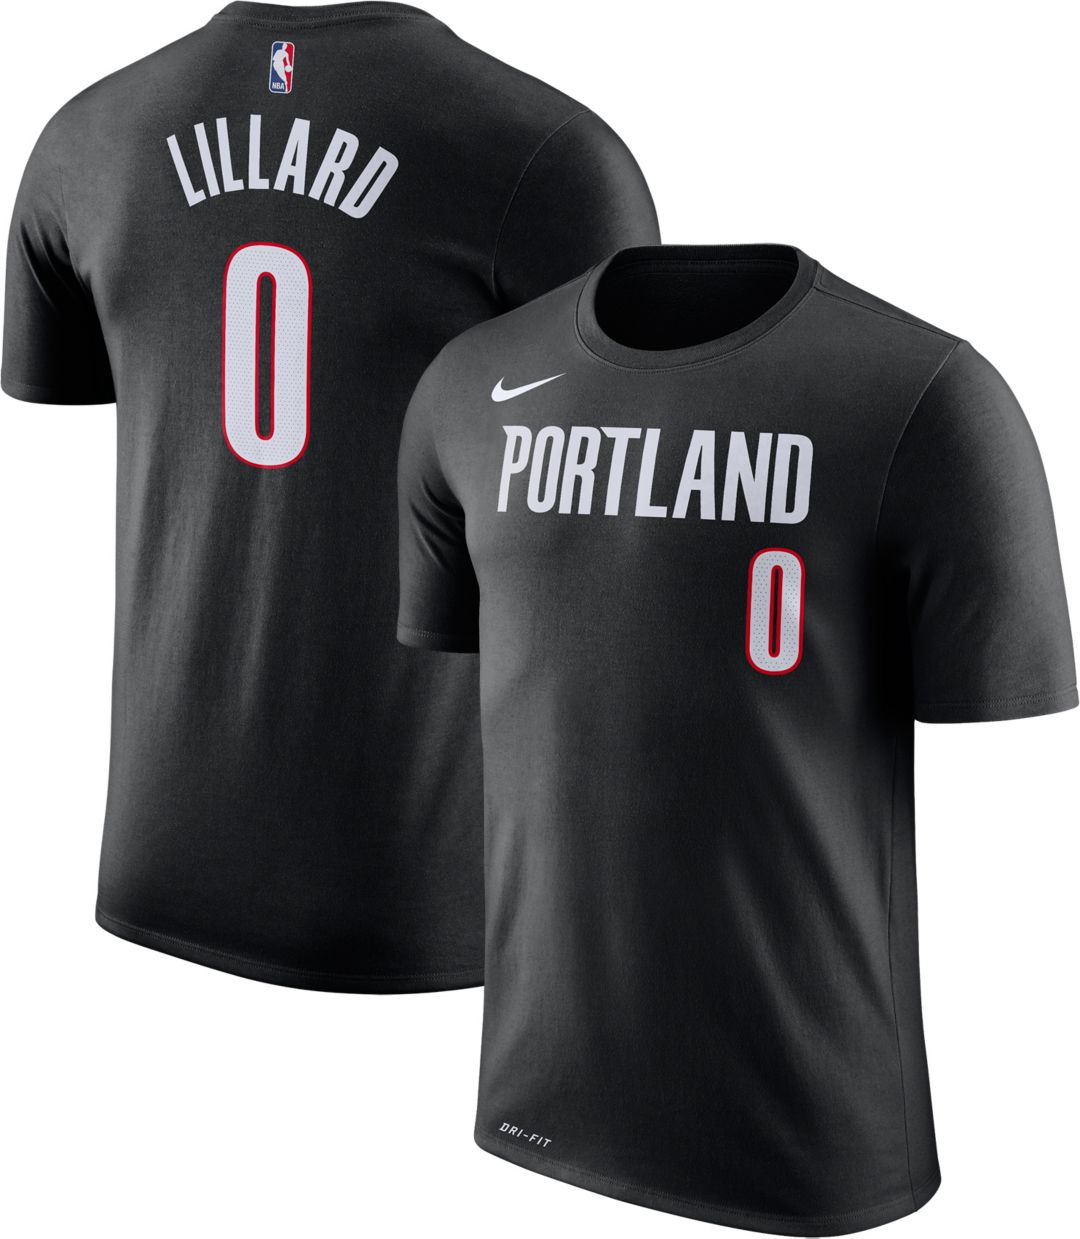 new style 4928f 85615 Nike Youth Portland Trail Blazers Damian Lillard #0 Dri-FIT Black T-Shirt